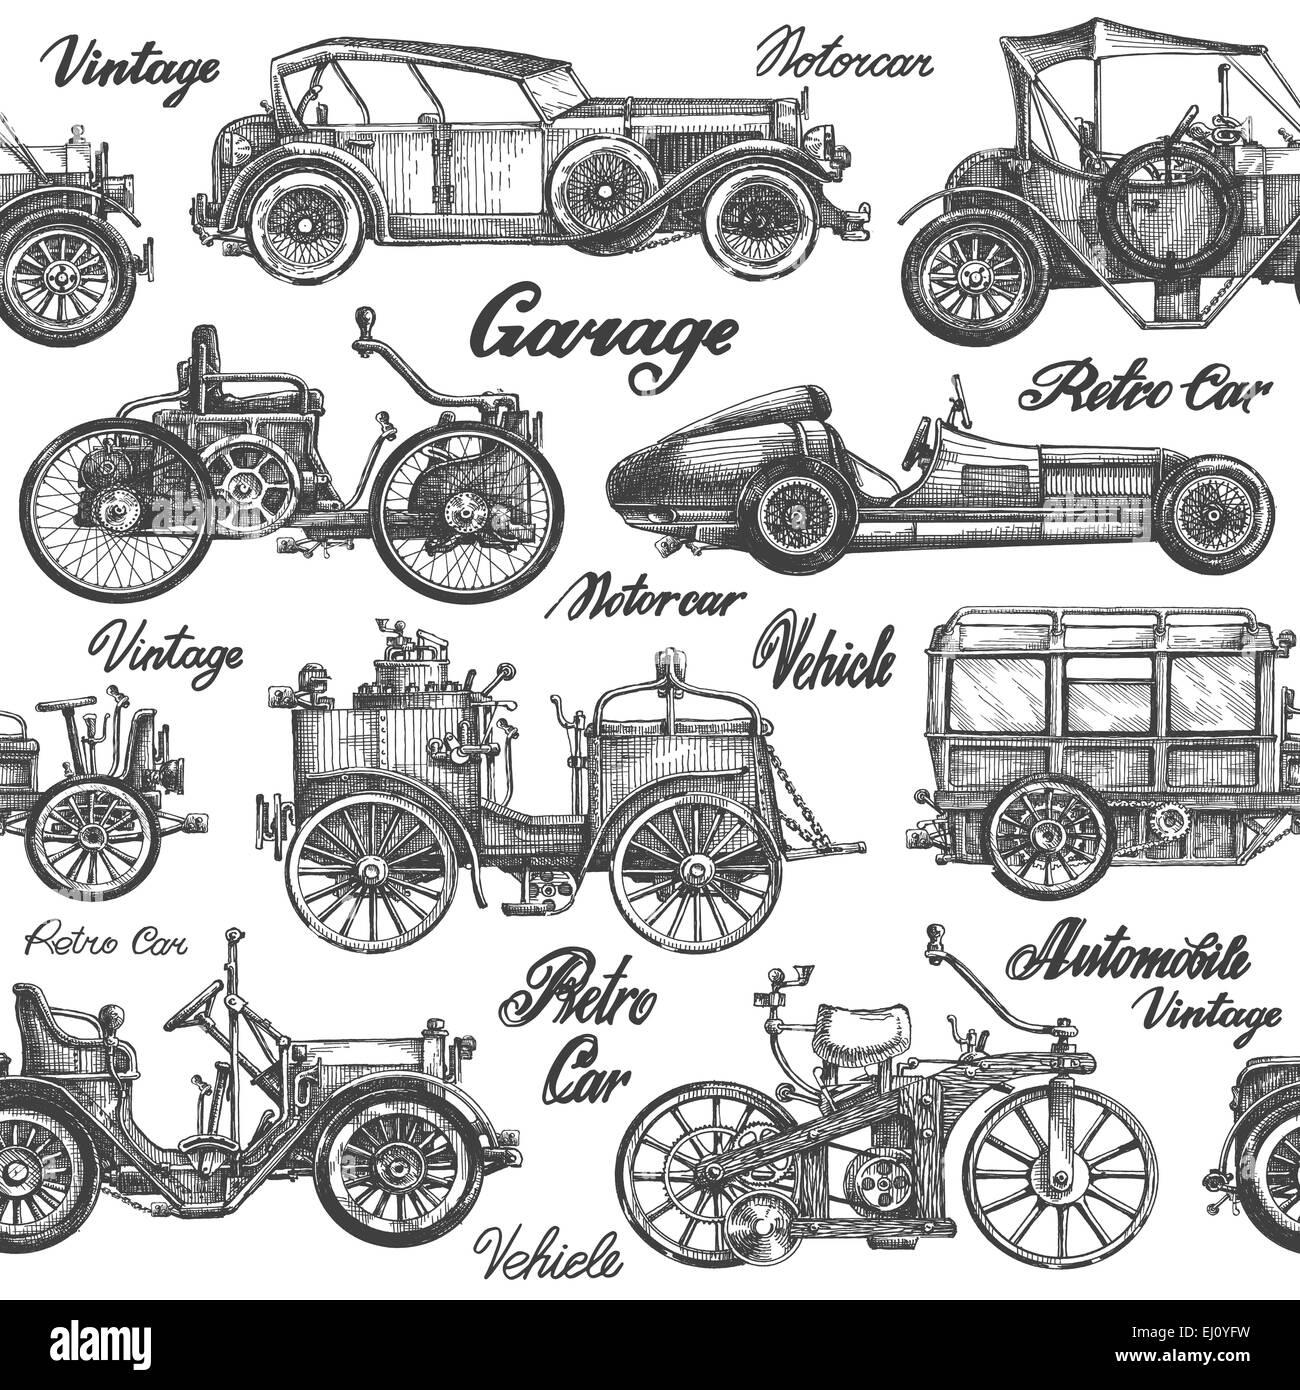 Vintage Auto Repair Shop Sign Stockfotos & Vintage Auto Repair Shop ...